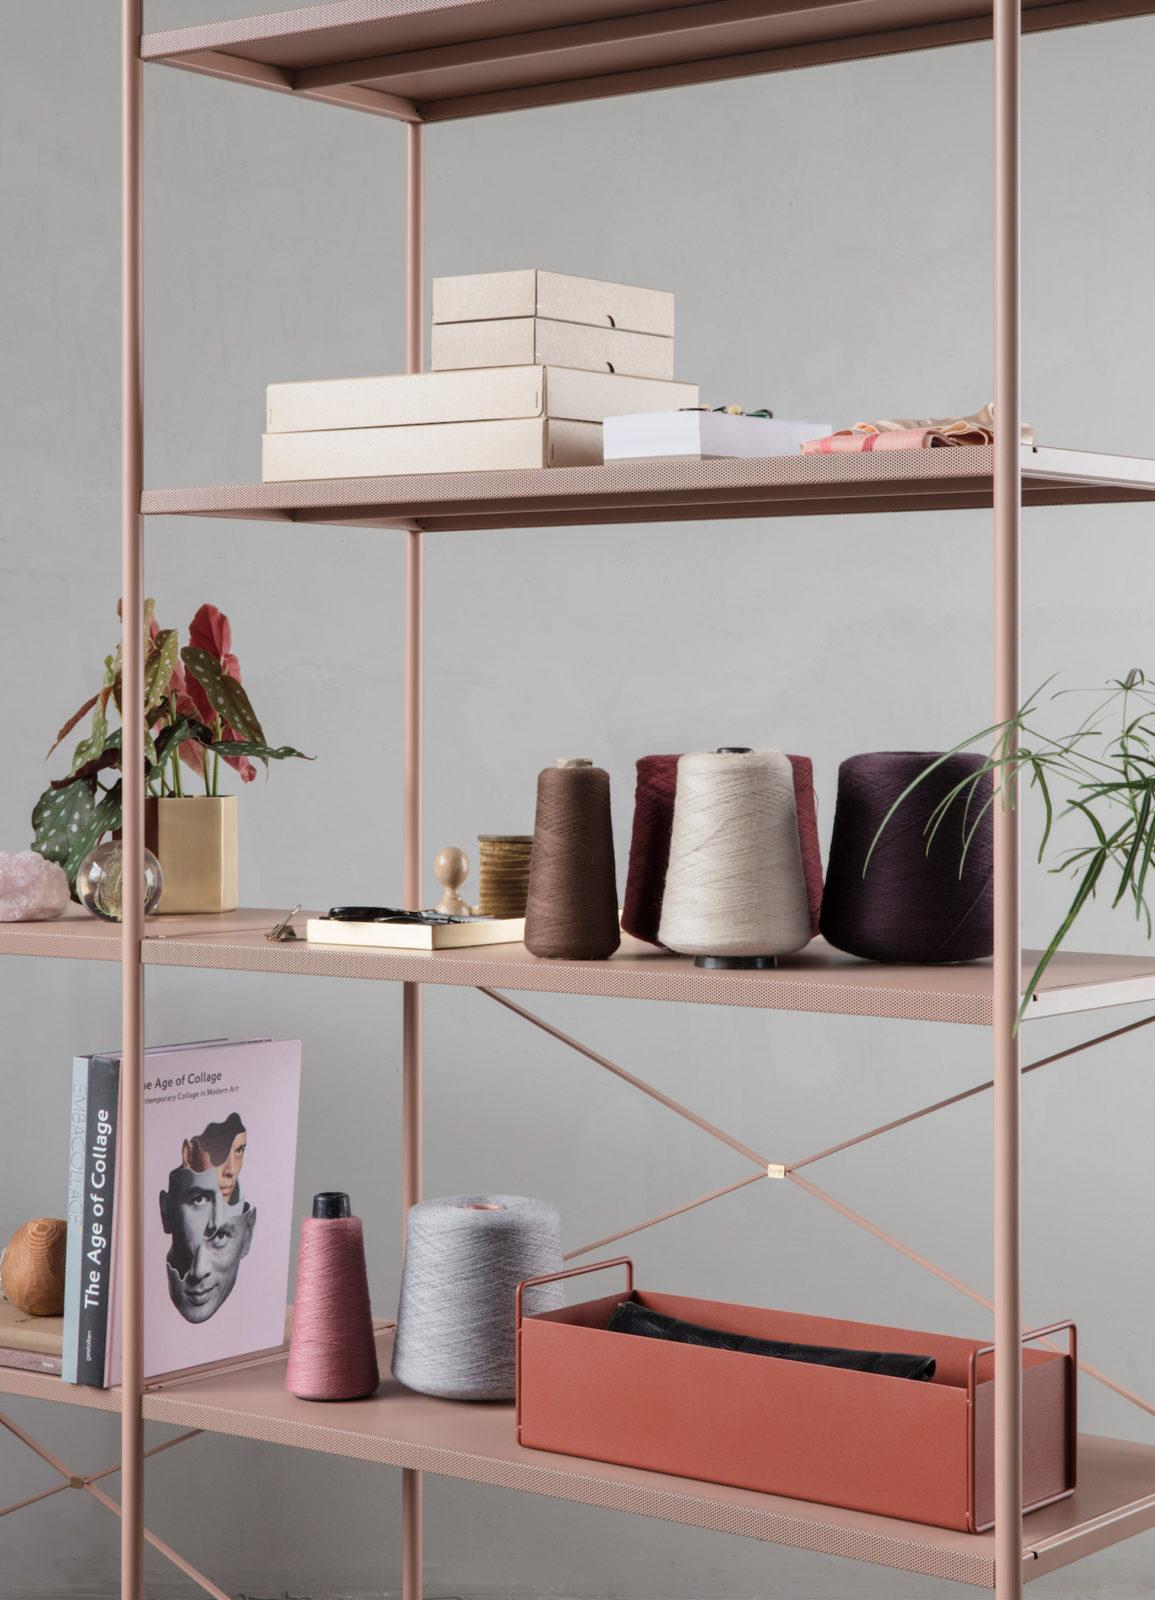 journelles maison die highlights der ferm living spring summer kollektion 2017 journelles. Black Bedroom Furniture Sets. Home Design Ideas